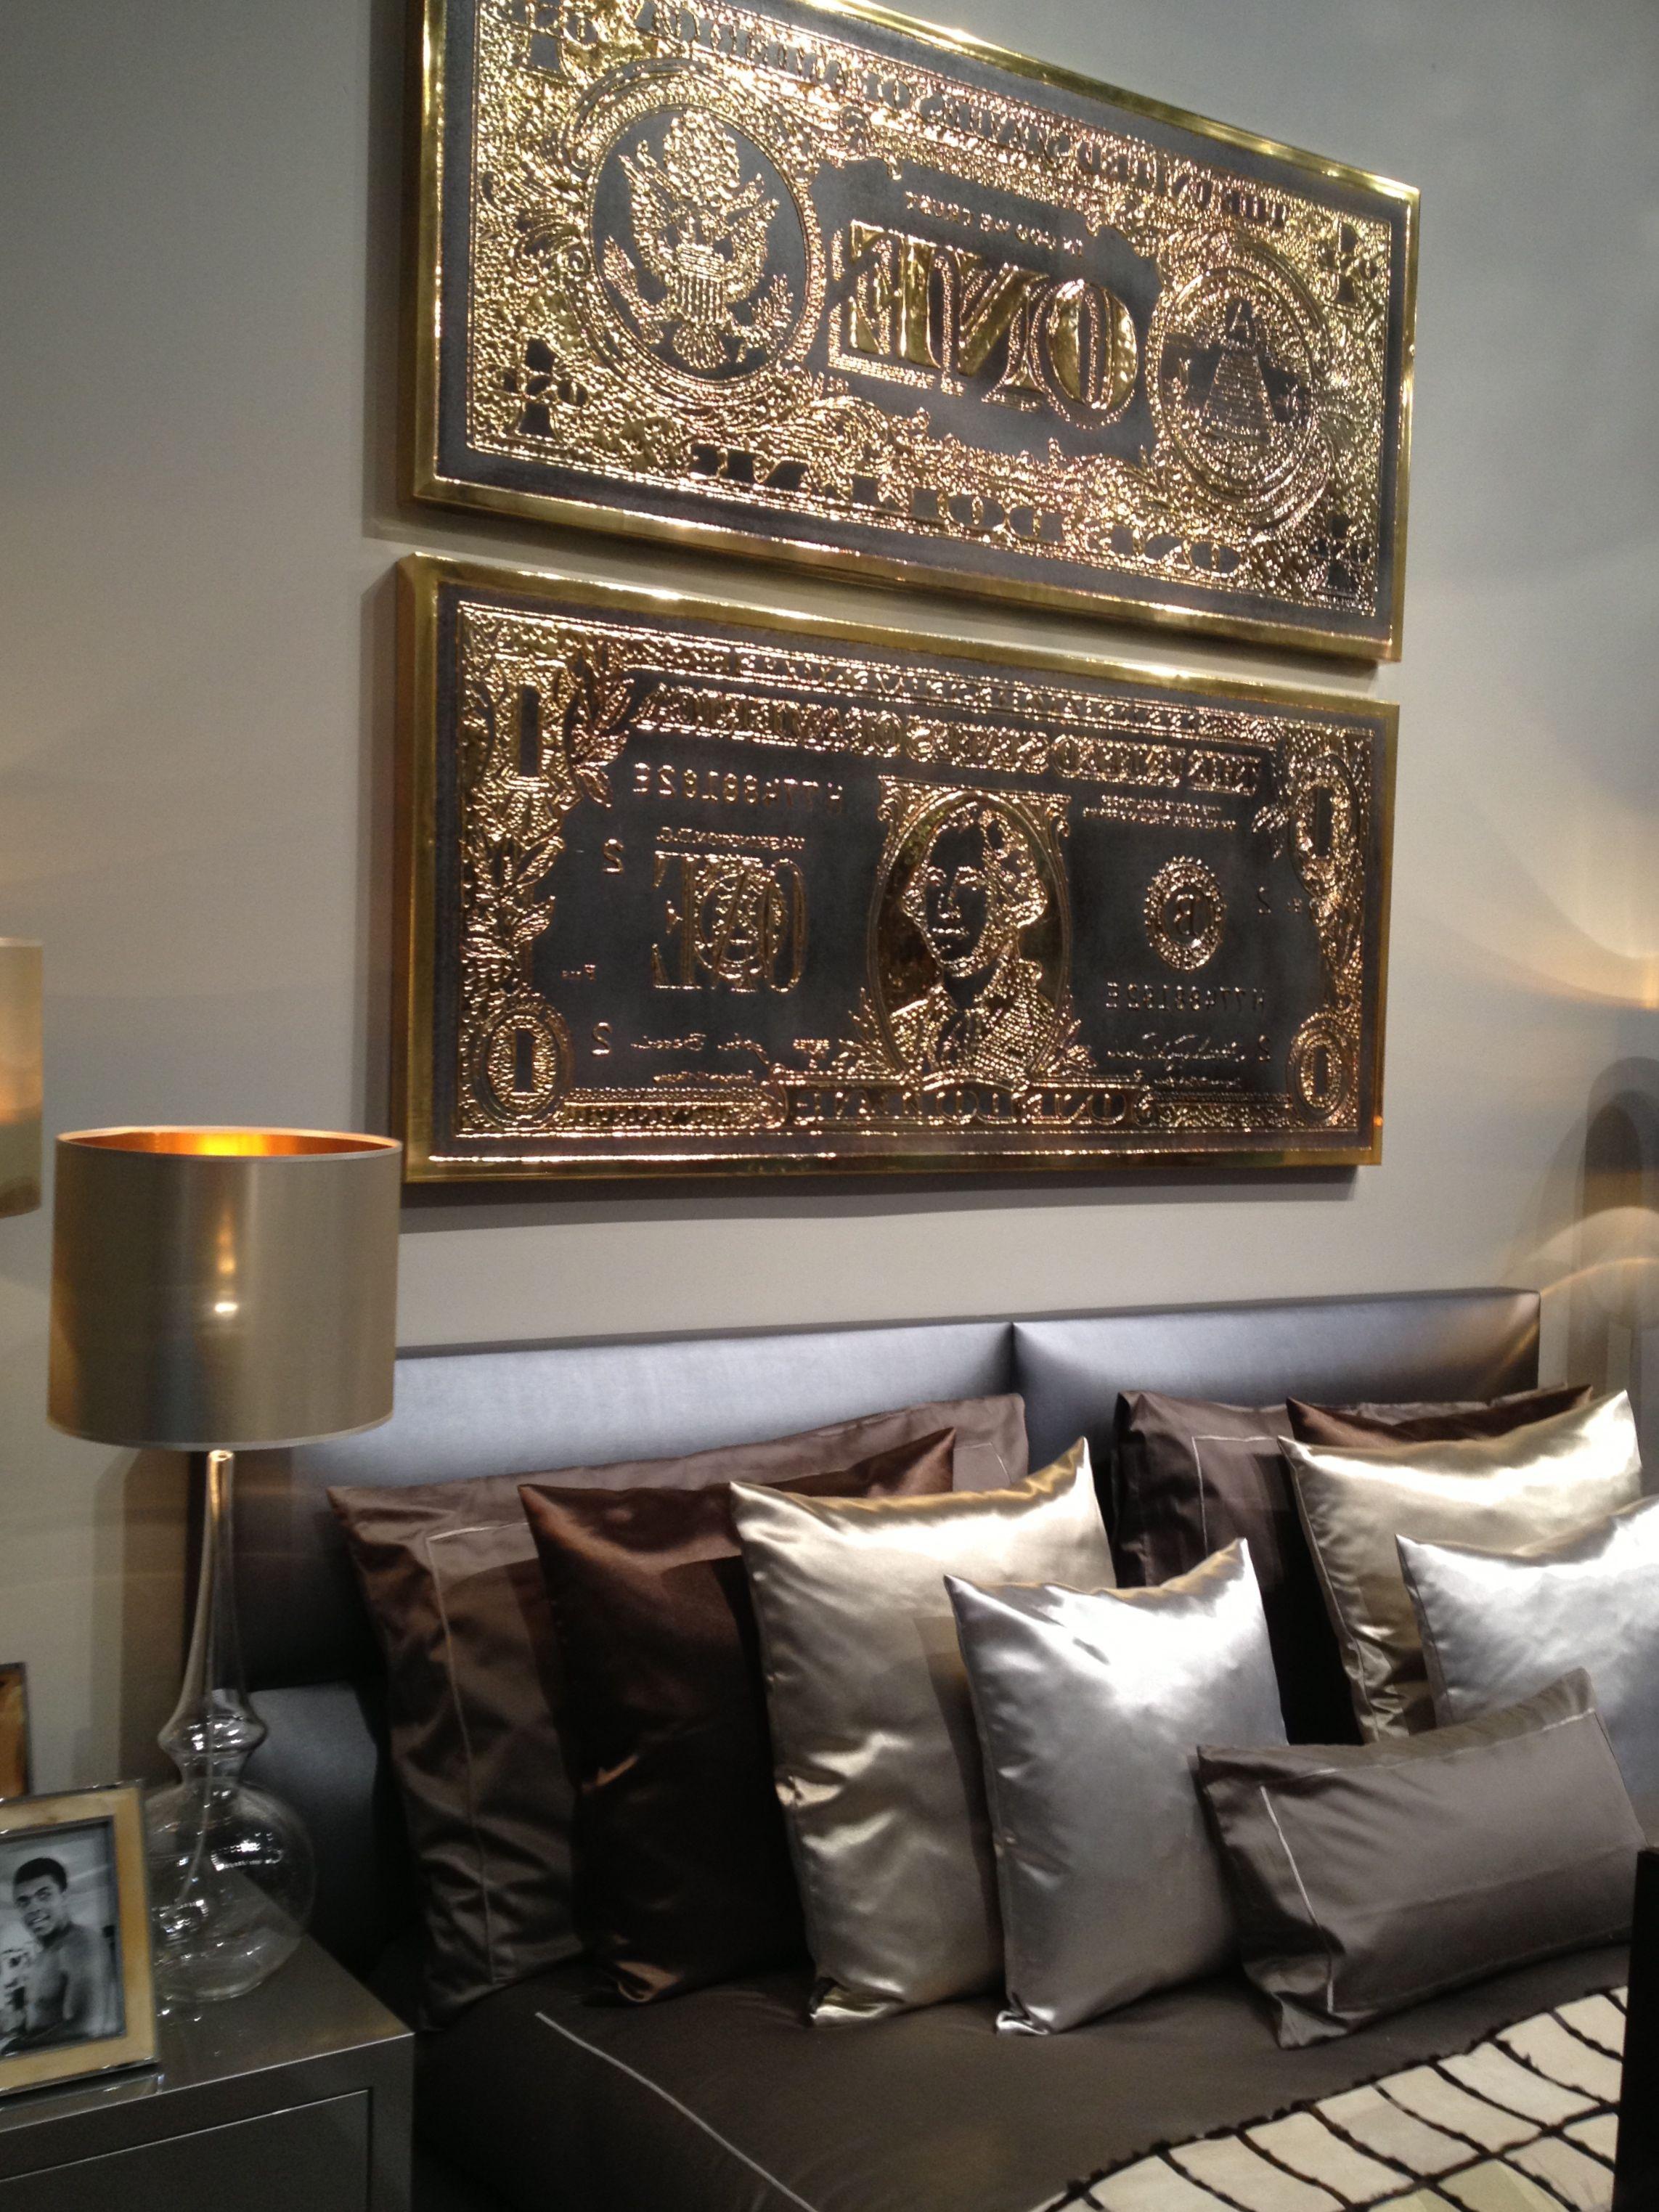 Slaapkamer ontwerp door Eric Kuster #Interieur #Interieurdesign ...